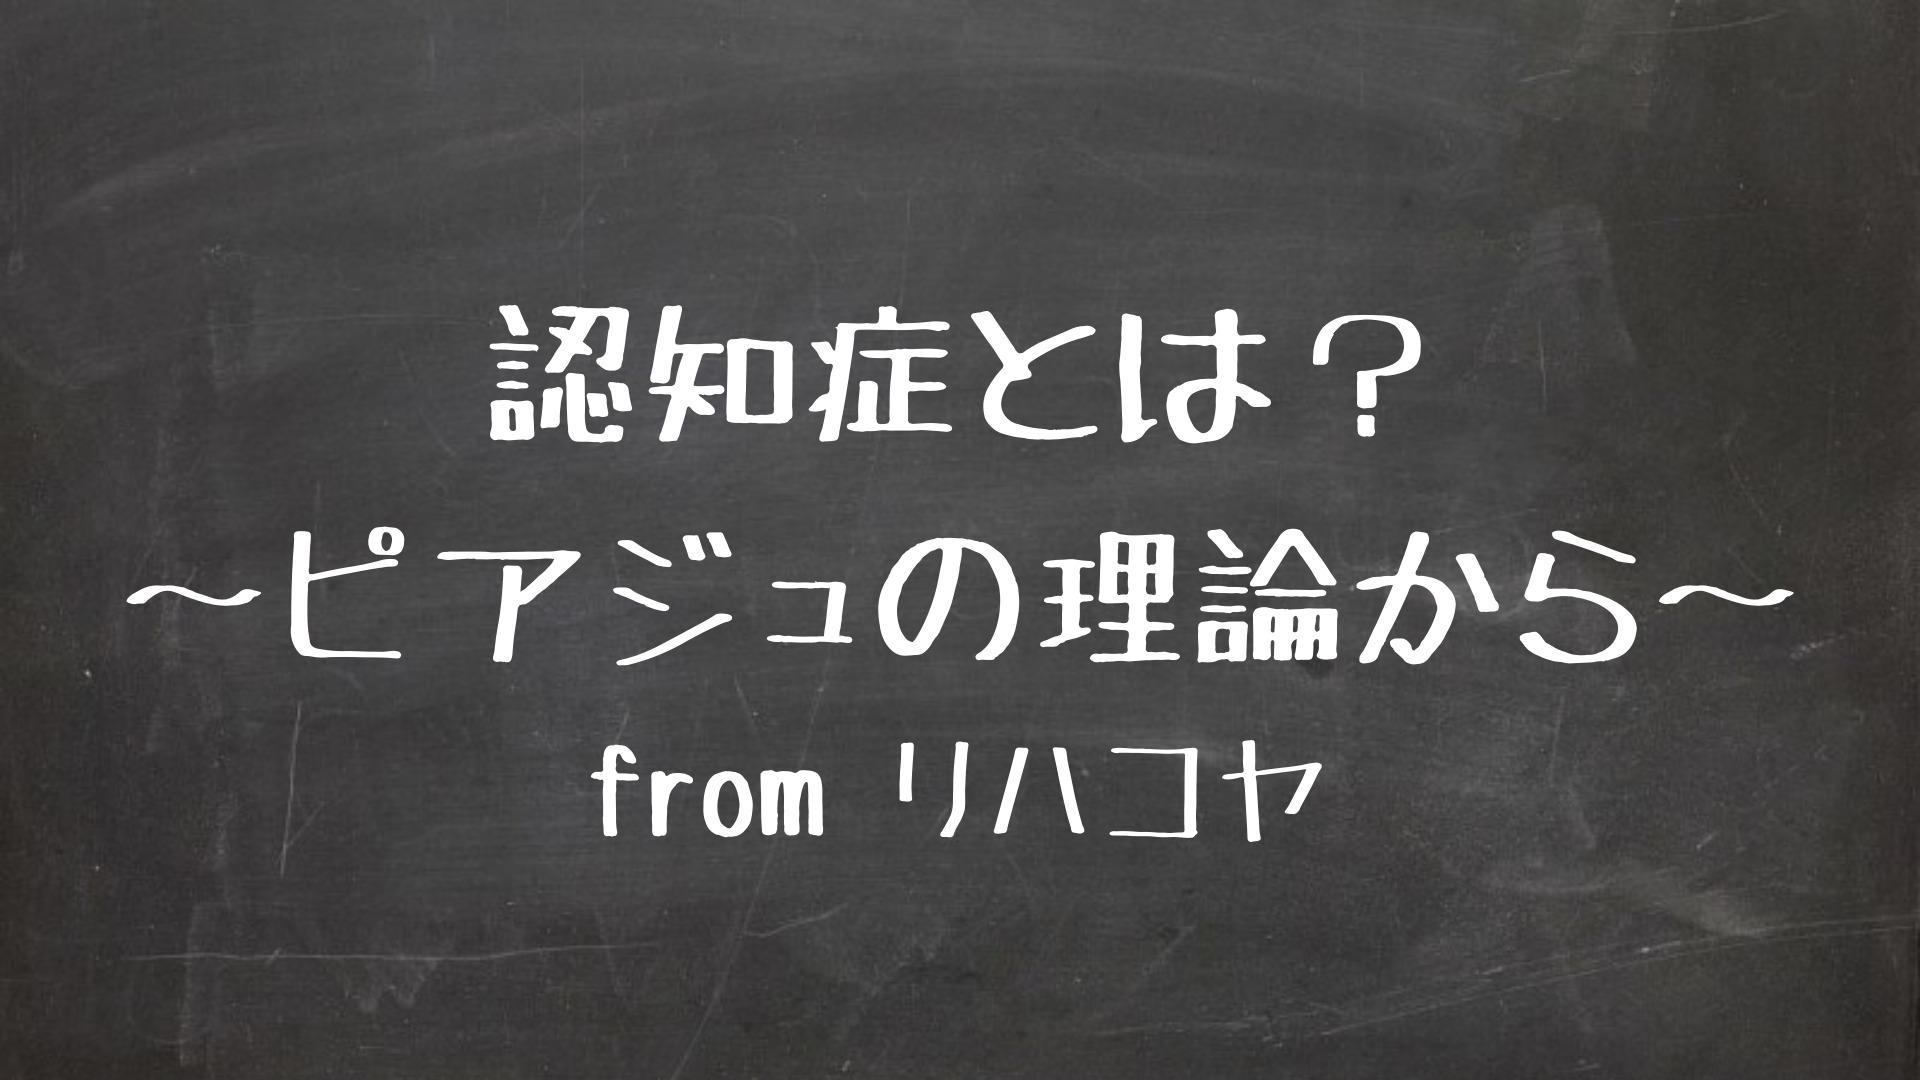 認知症とは?〜ピアジュの理論から〜 from リハコヤ